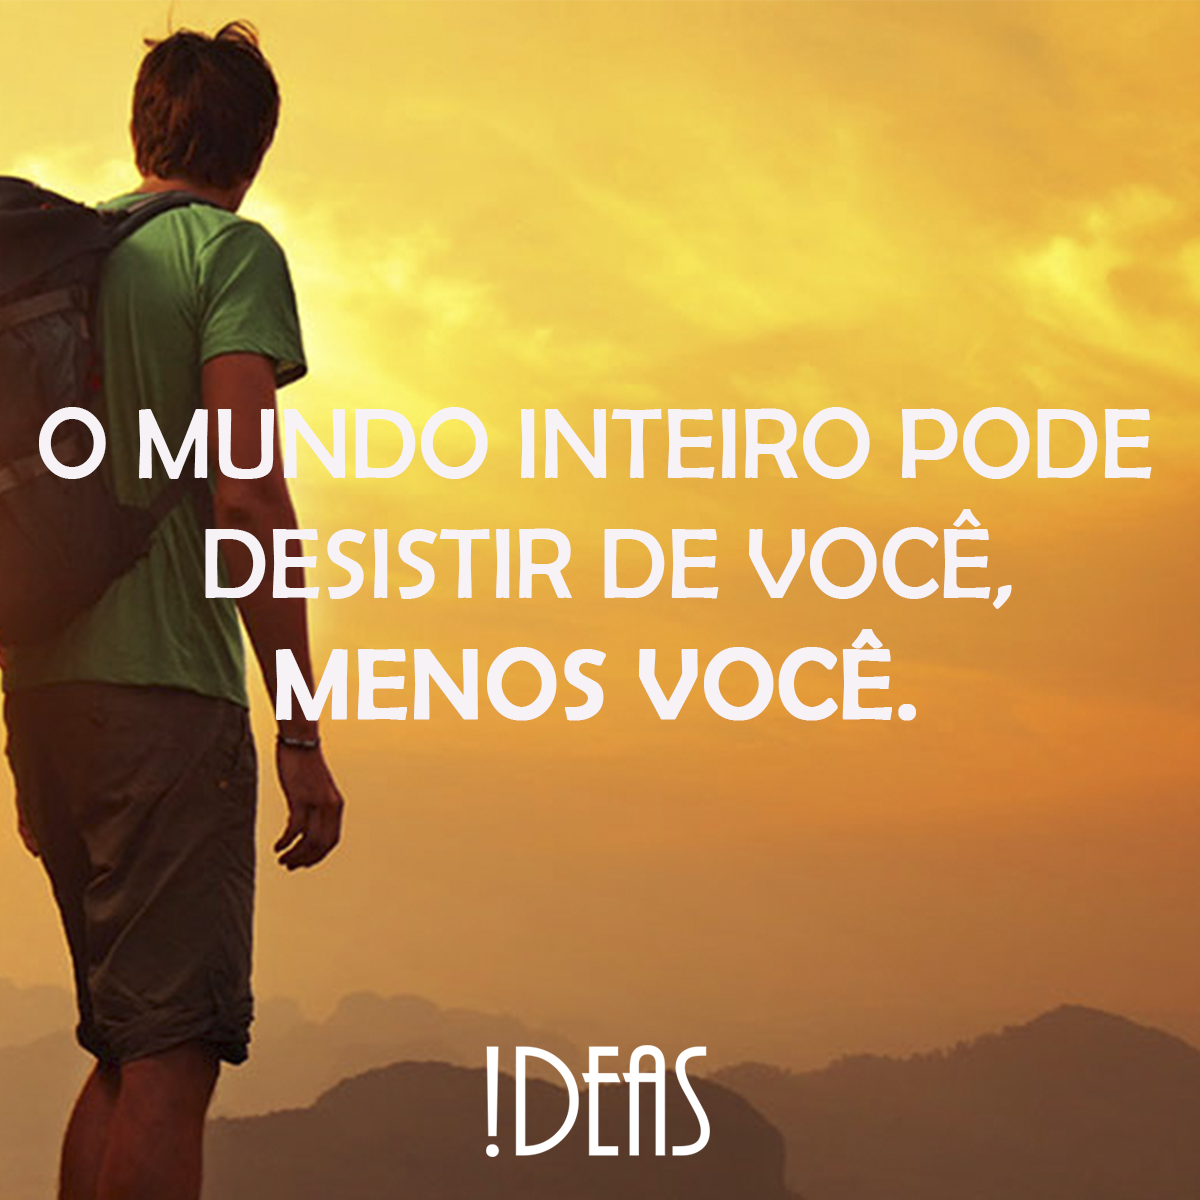 Nunca desista de Você! #ideas #Mkt #comunicação #Marketing #marketingdigital #Riopreto #ideascomunicacao